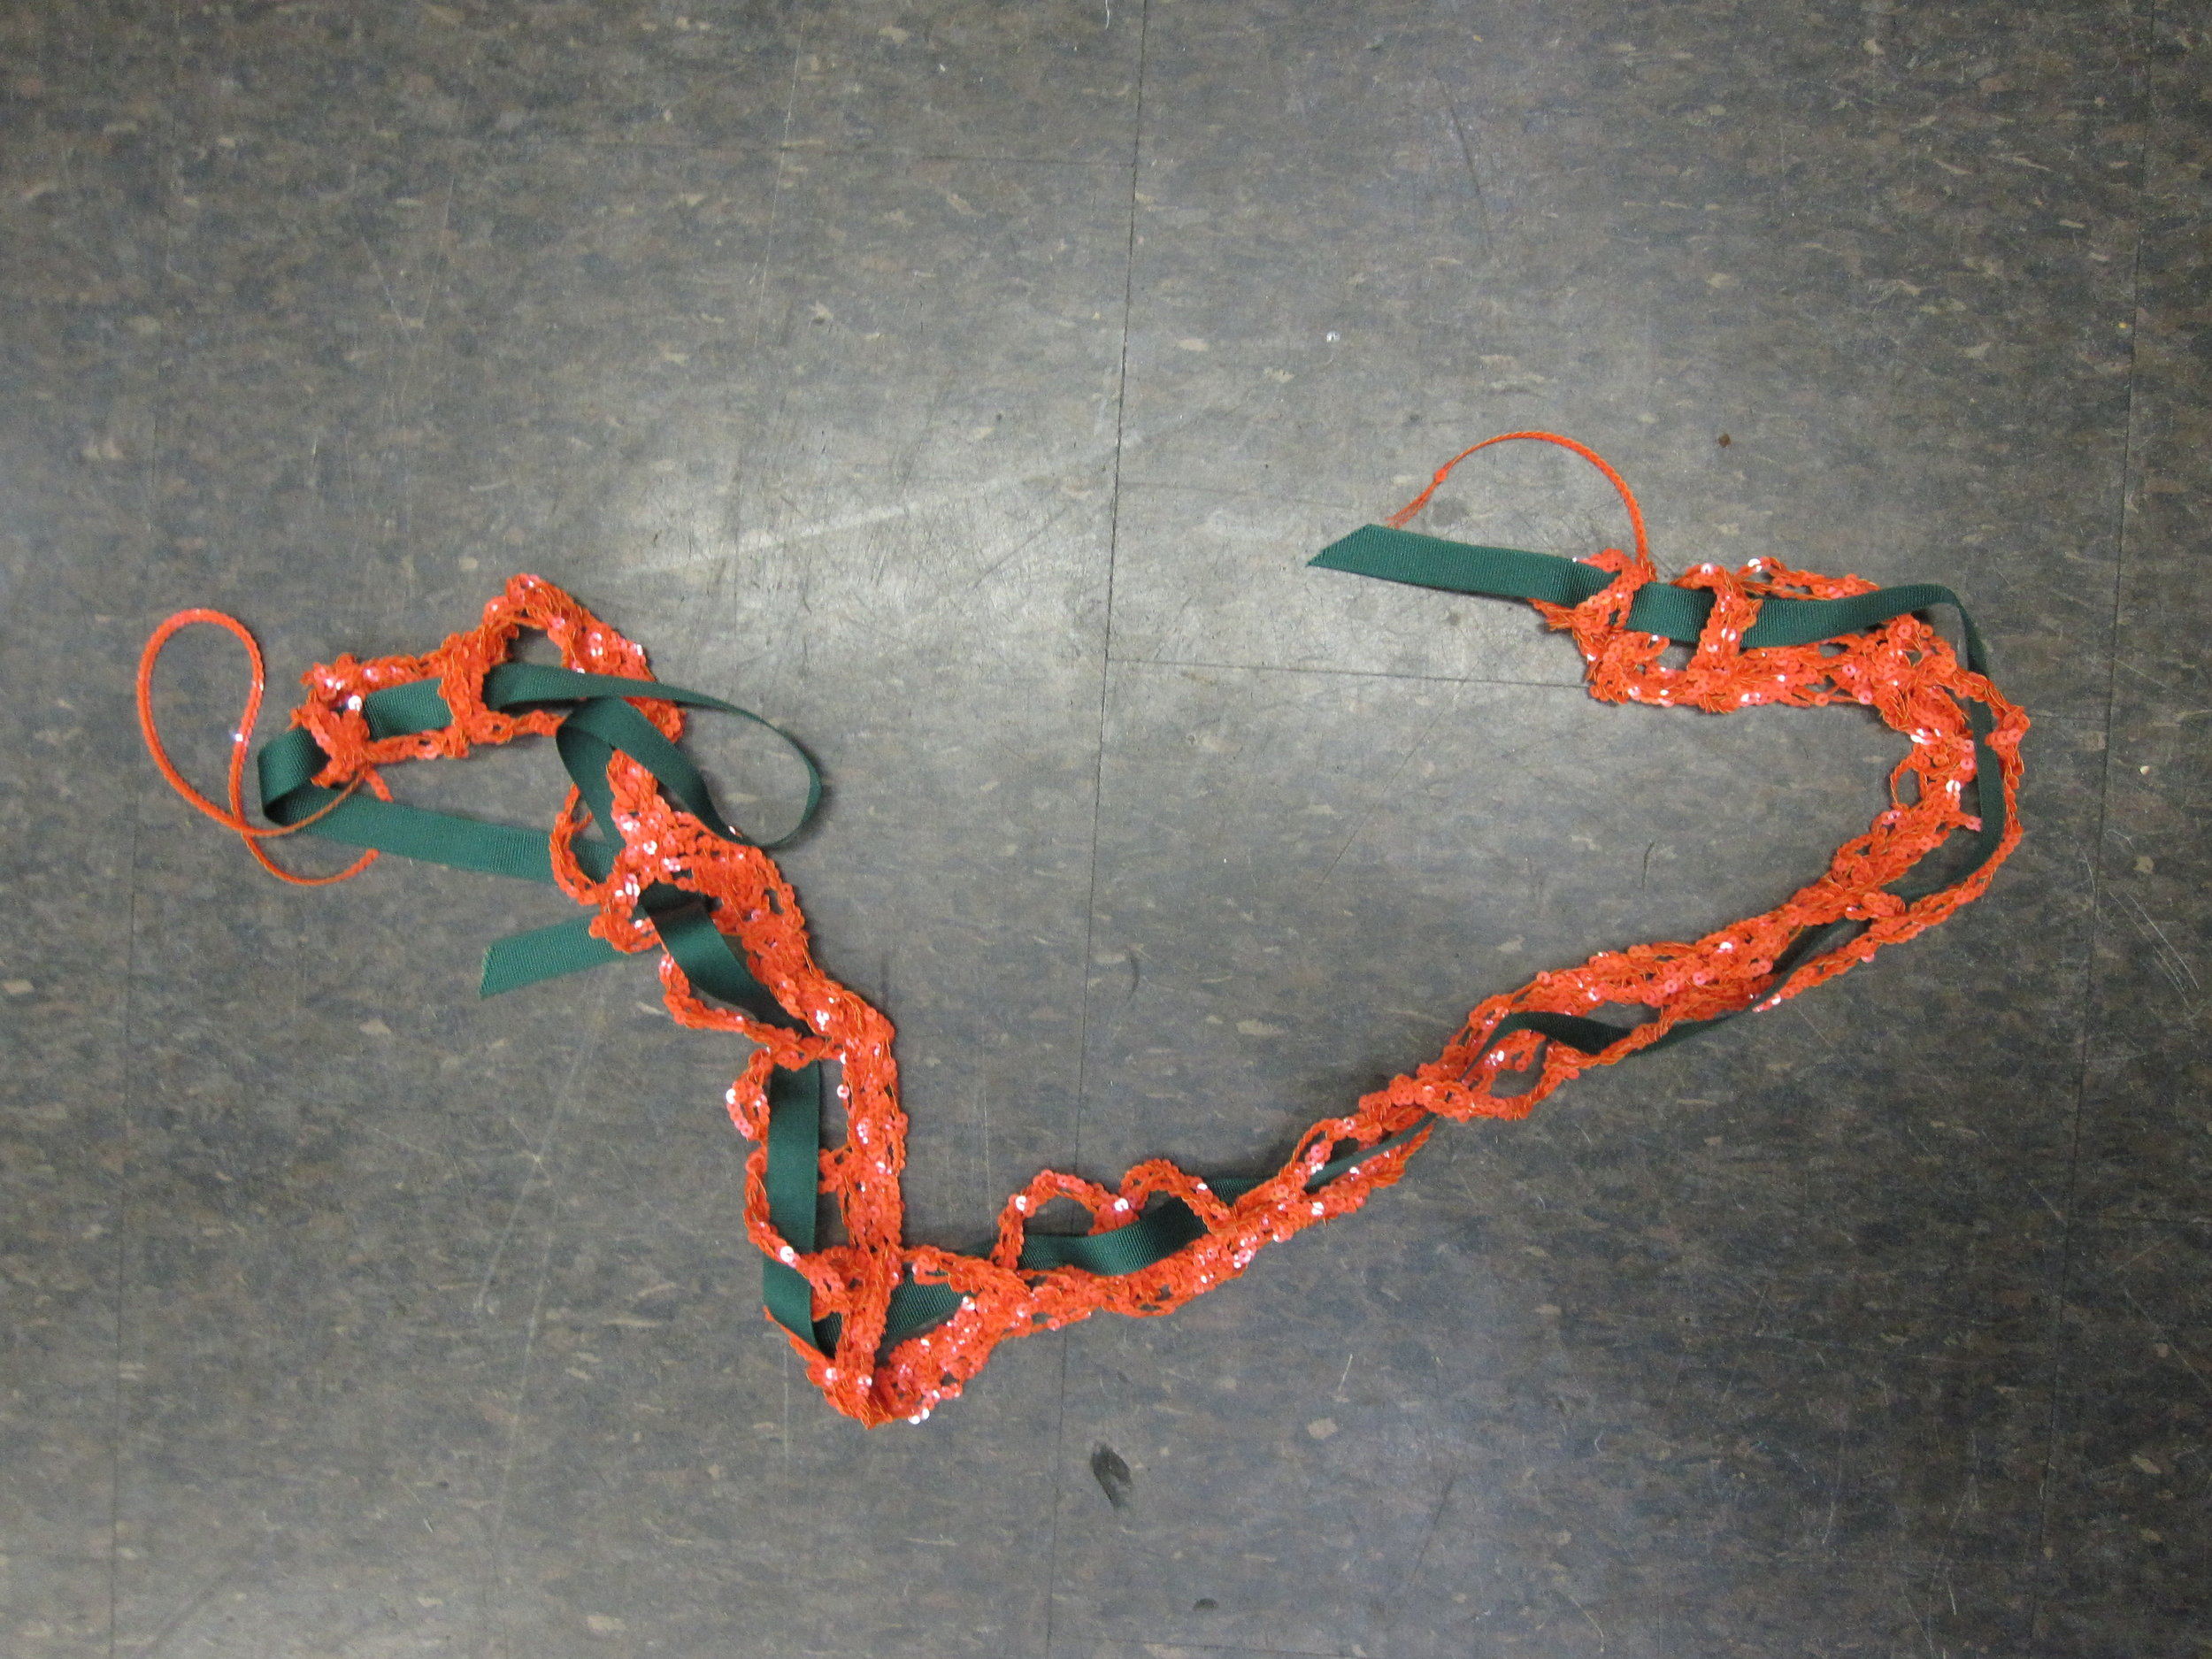 knittingmarathon10_4314501337_o.jpg